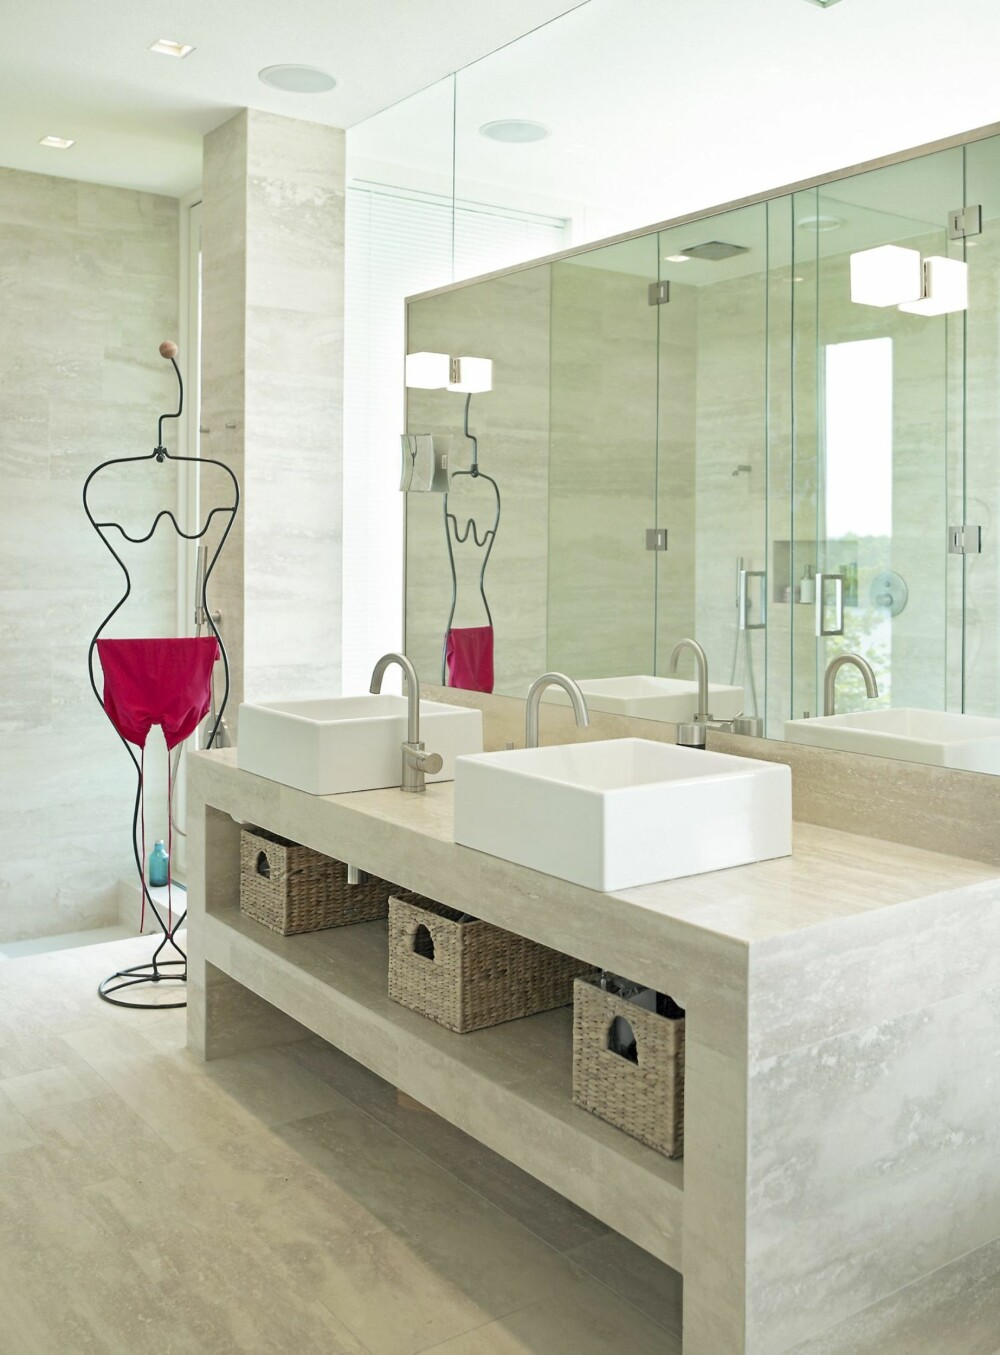 HELHET: I baderommene er både gulv, vegger og vaskebenker kledd med Travertin Romano. Toaletter og vasker er fra Simas Frozen og Ha det på badet /Skøyen. Blandebatteri fra Tapwell og belysning fra Iguzzini.